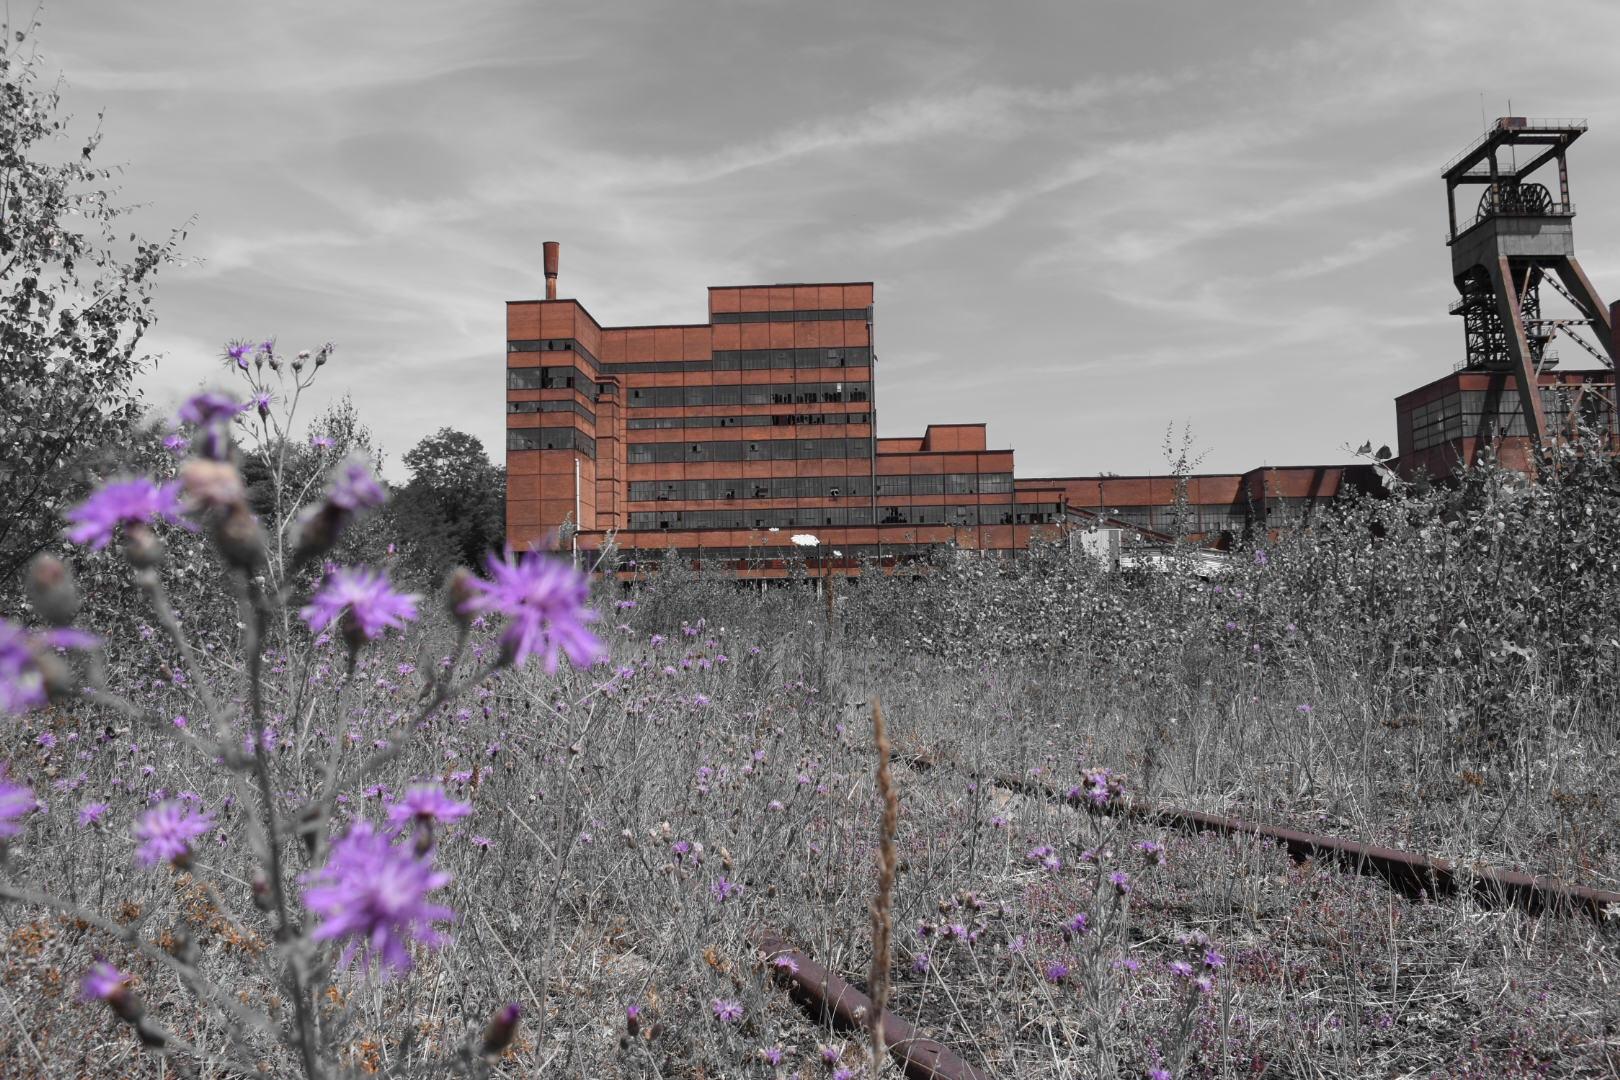 Bewachsenes Gelände vor dem Bergwerk, mit selektiver Farbe fotografiert